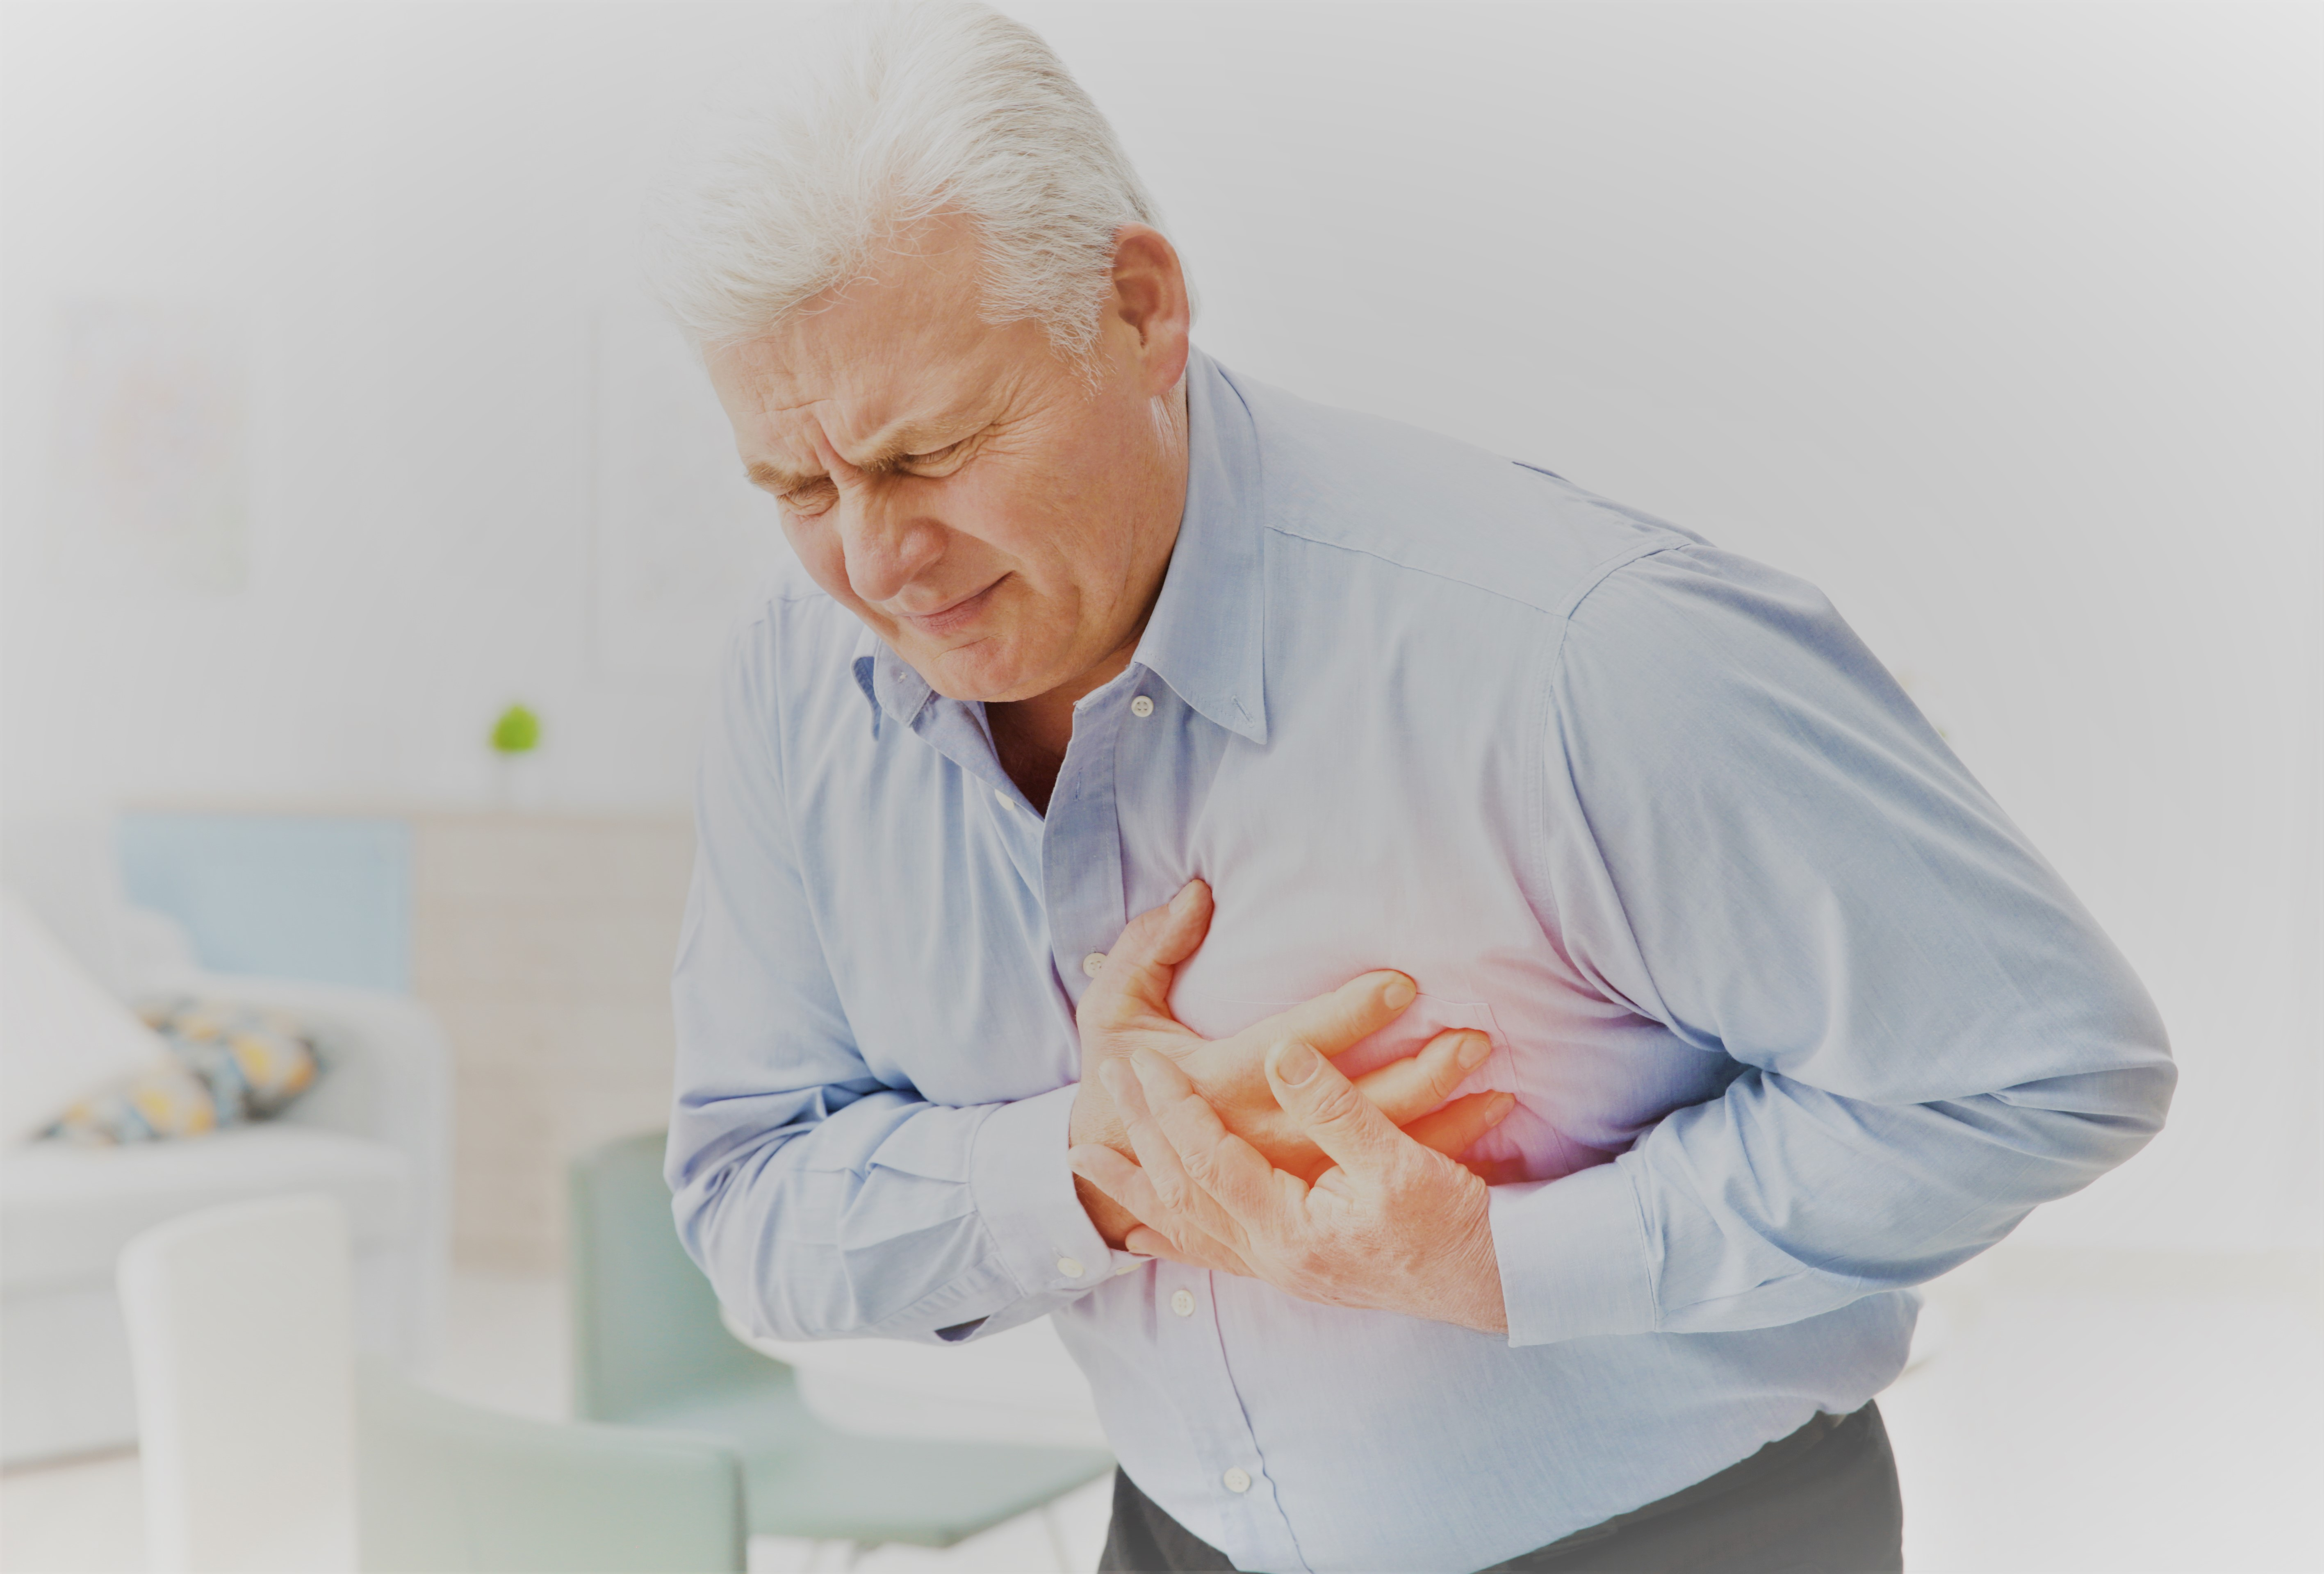 Tüdőfibrózis oka, 5 tünete és kezelése légzőtornával [teljes leírás]